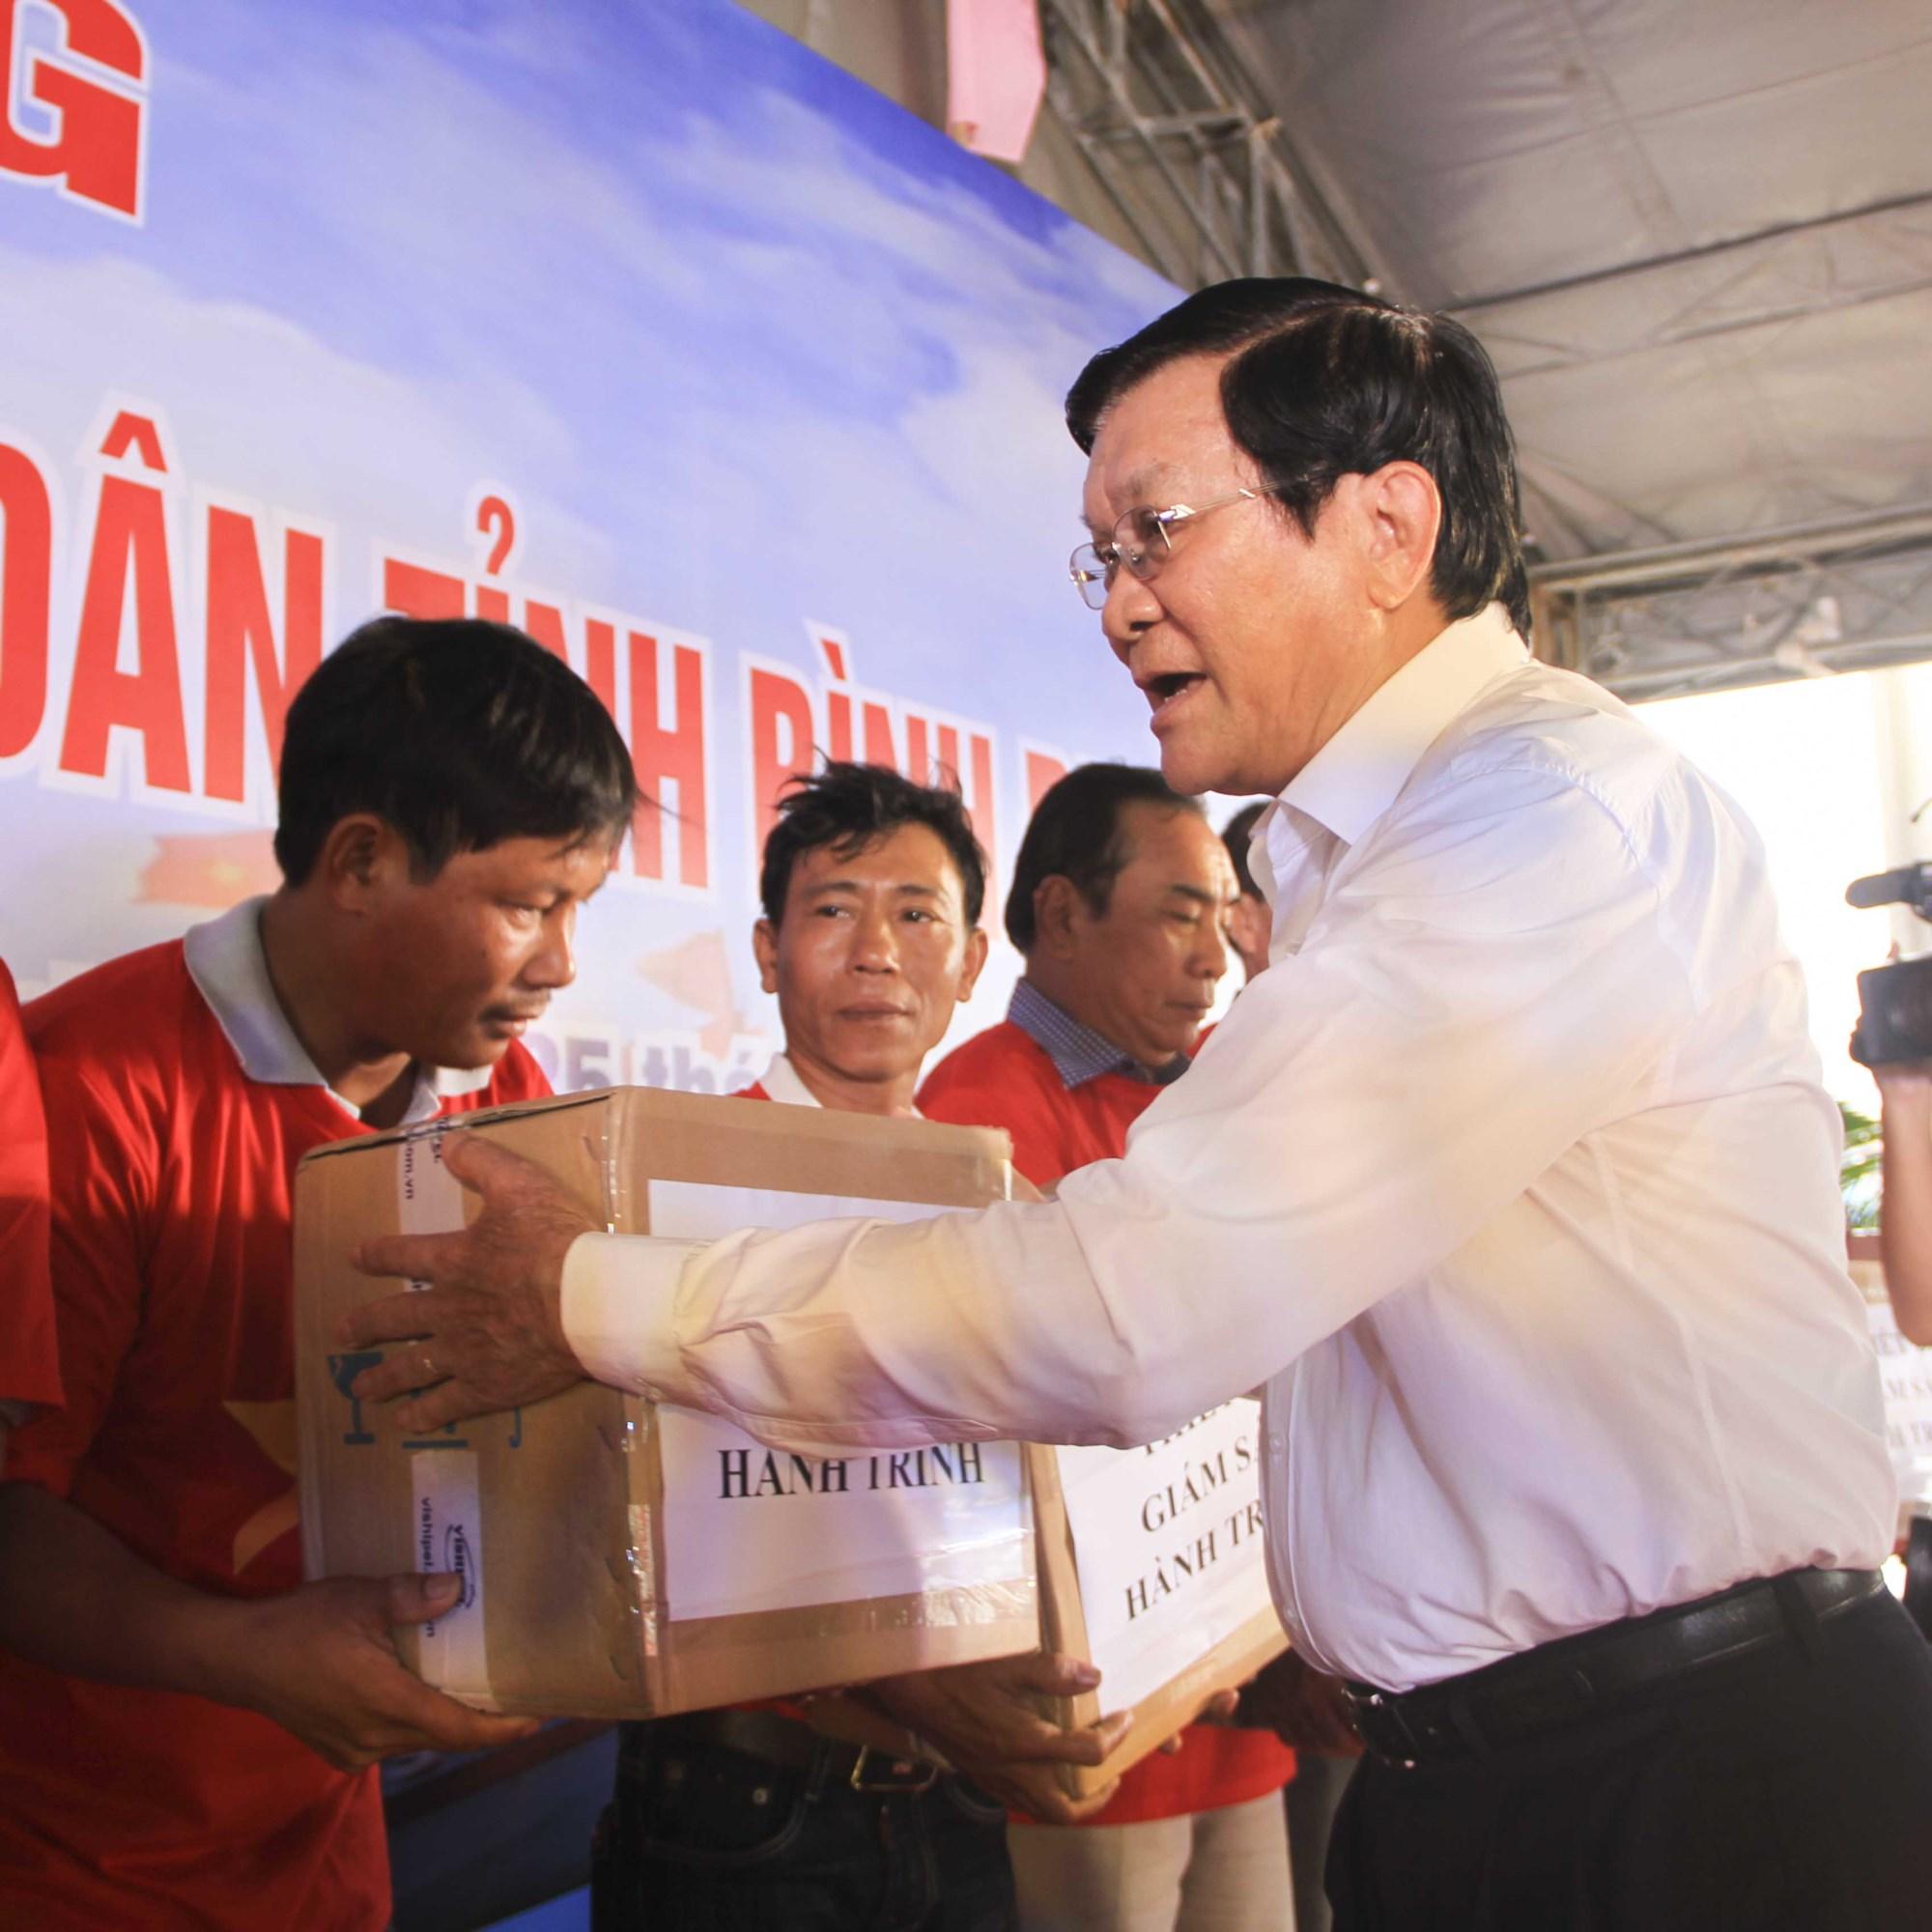 Nguyên Chủ tịch nước Trương Tấn Sang tặng thiết bị giám sát tàu cá cho ngư dân Bình Định